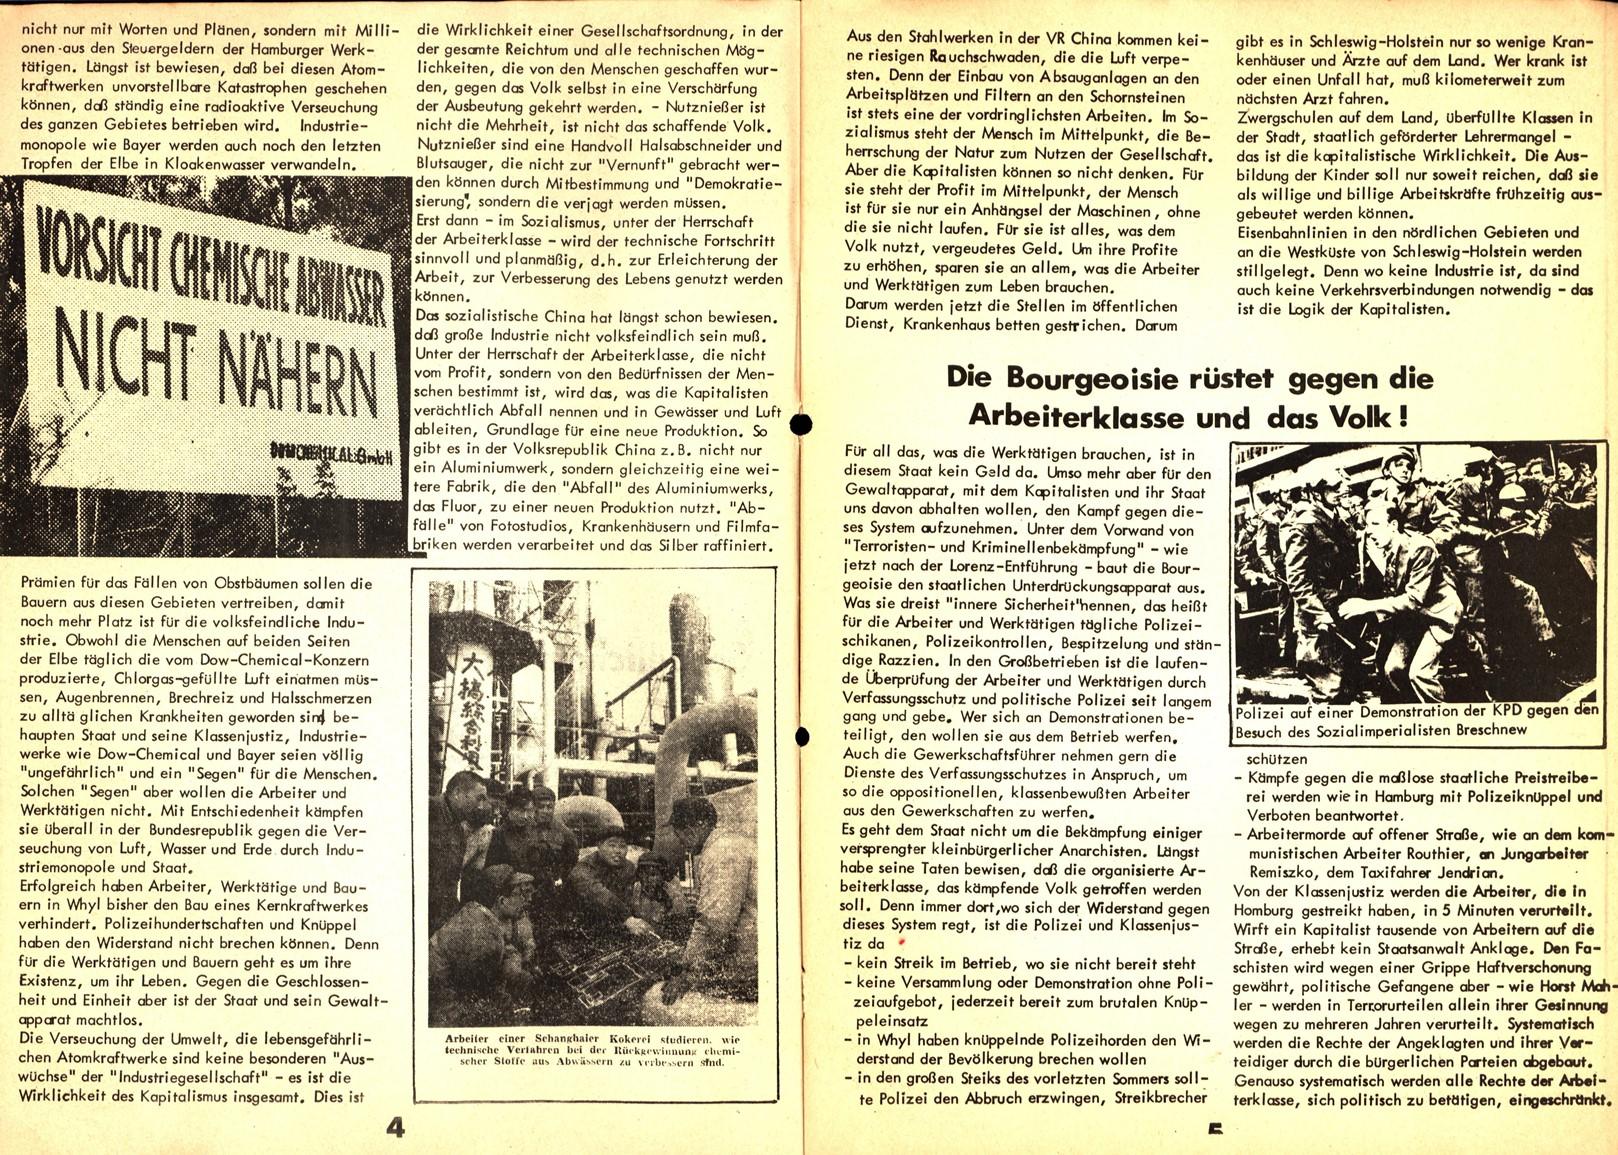 Schleswig_Holstein_KPDAO_1975_Landtagswahlen_04